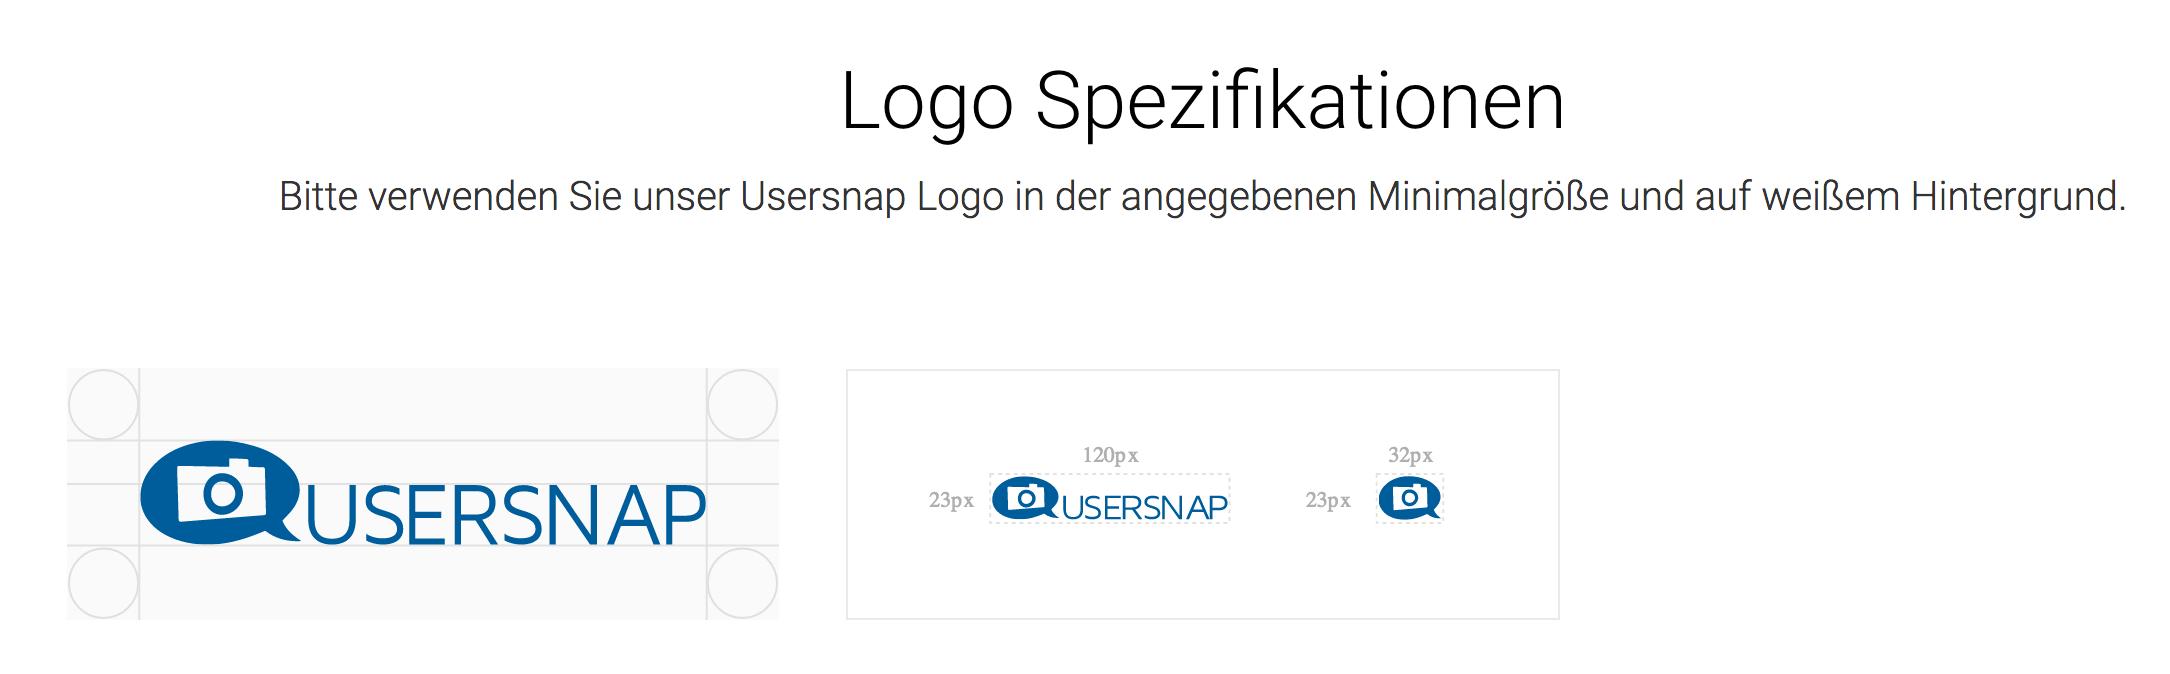 logo spezifikationen